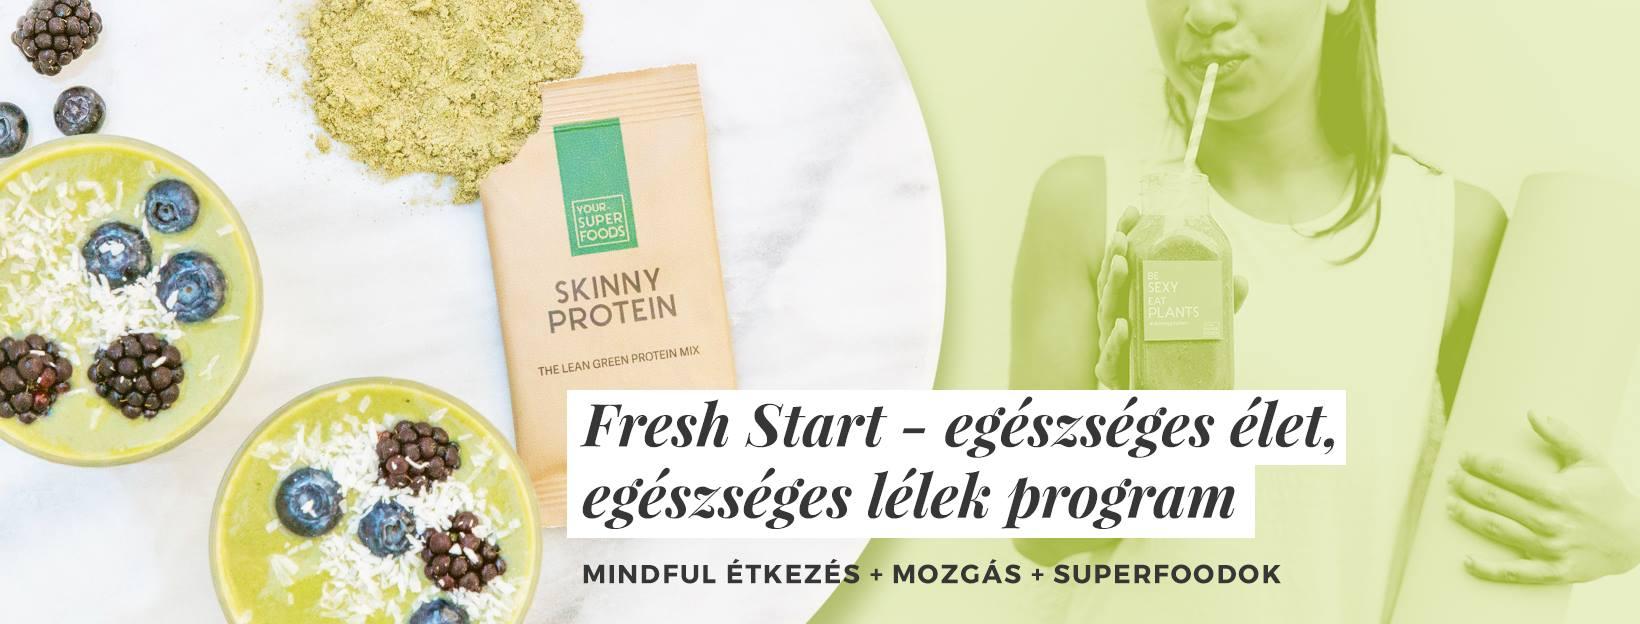 Fresh Start - egészséges élet, egészséges lélek program - Alap